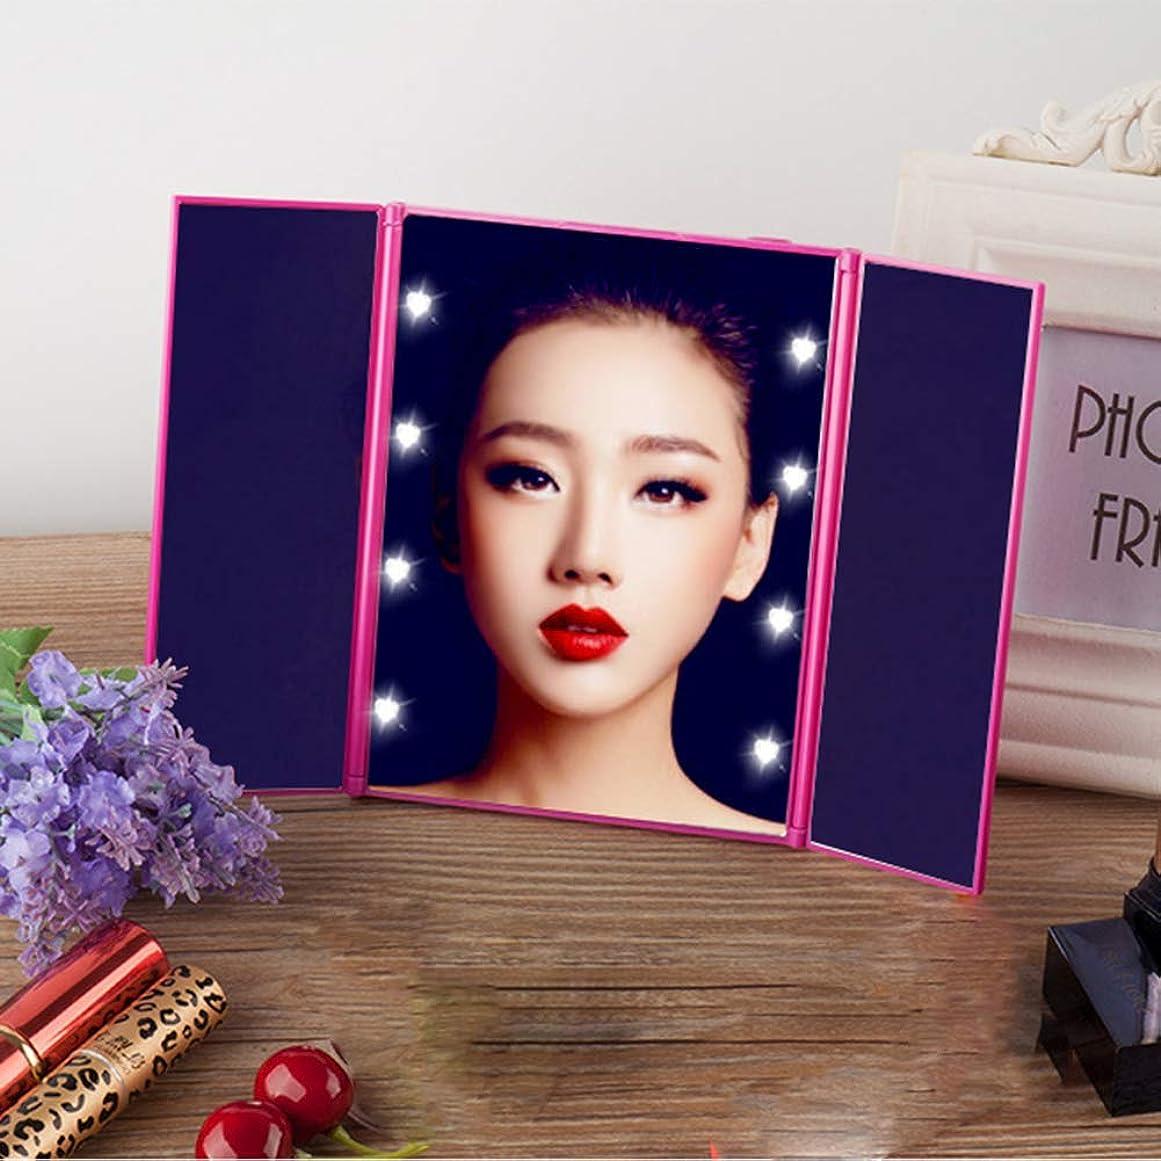 縮約それに応じてデンプシーCatChi 化粧鏡 女優ミラー LED付き 折りたたみ式 タッチ メイクミラー 三面鏡 卓上 スタンドミラー 乾電池式